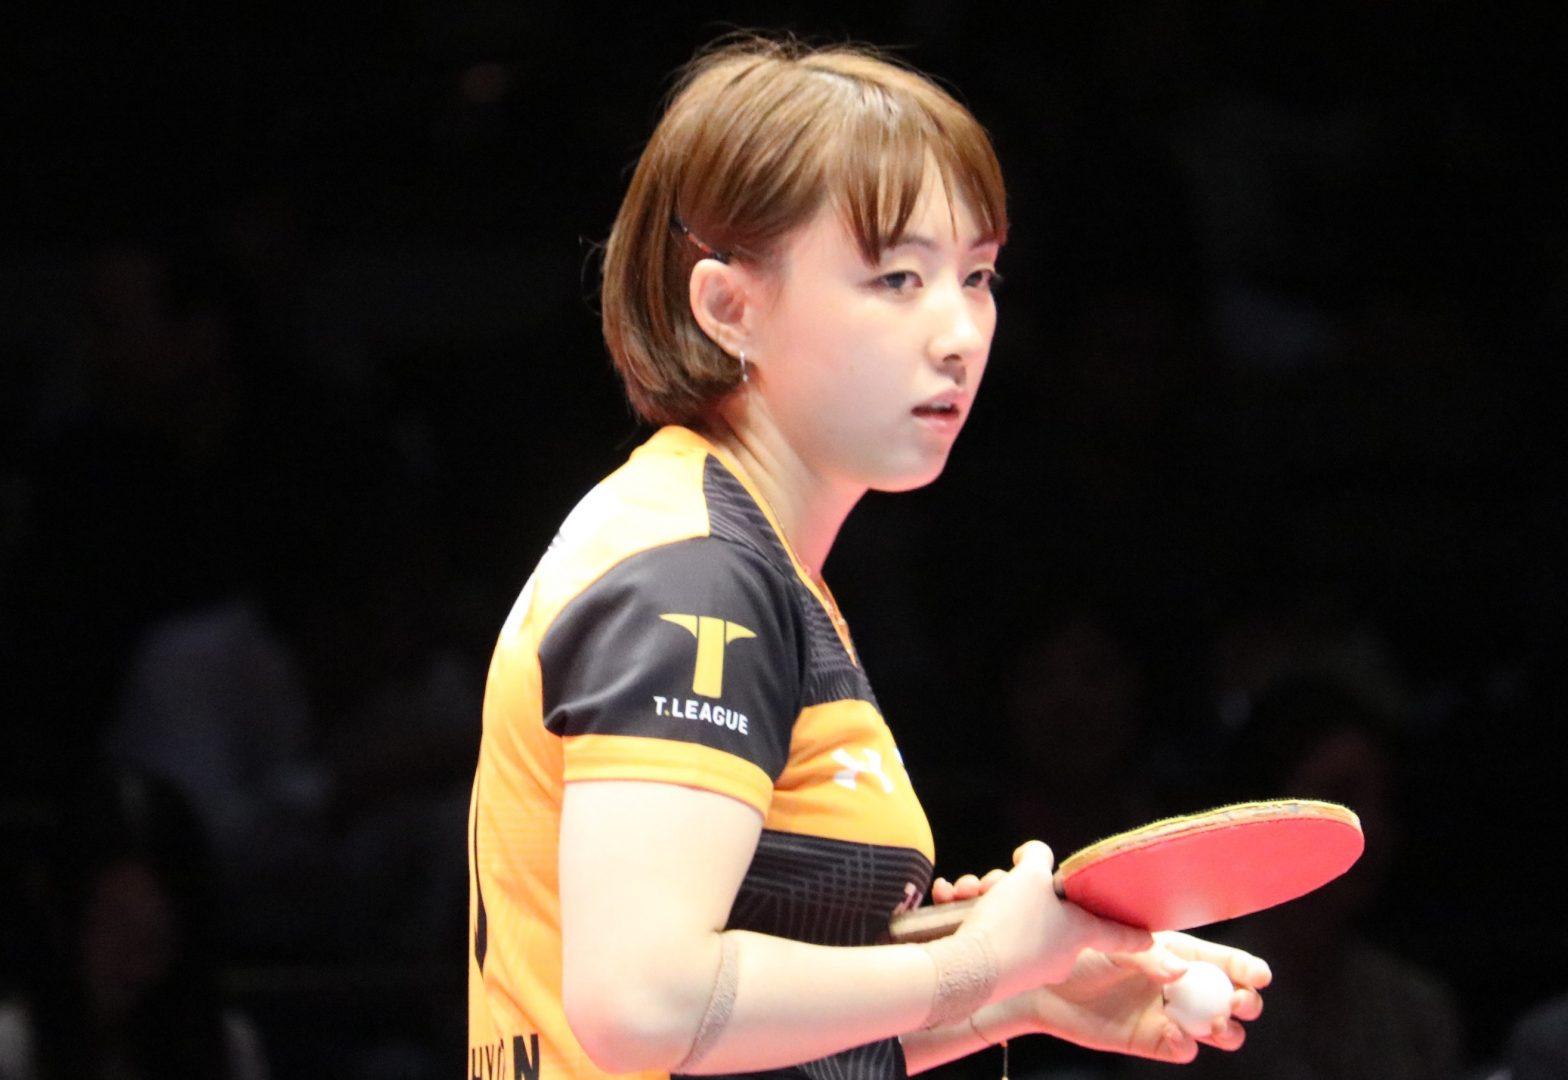 【卓球】ちょっと可愛すぎませんかね TリーグTOP名古屋・徐孝元の自撮りが評判